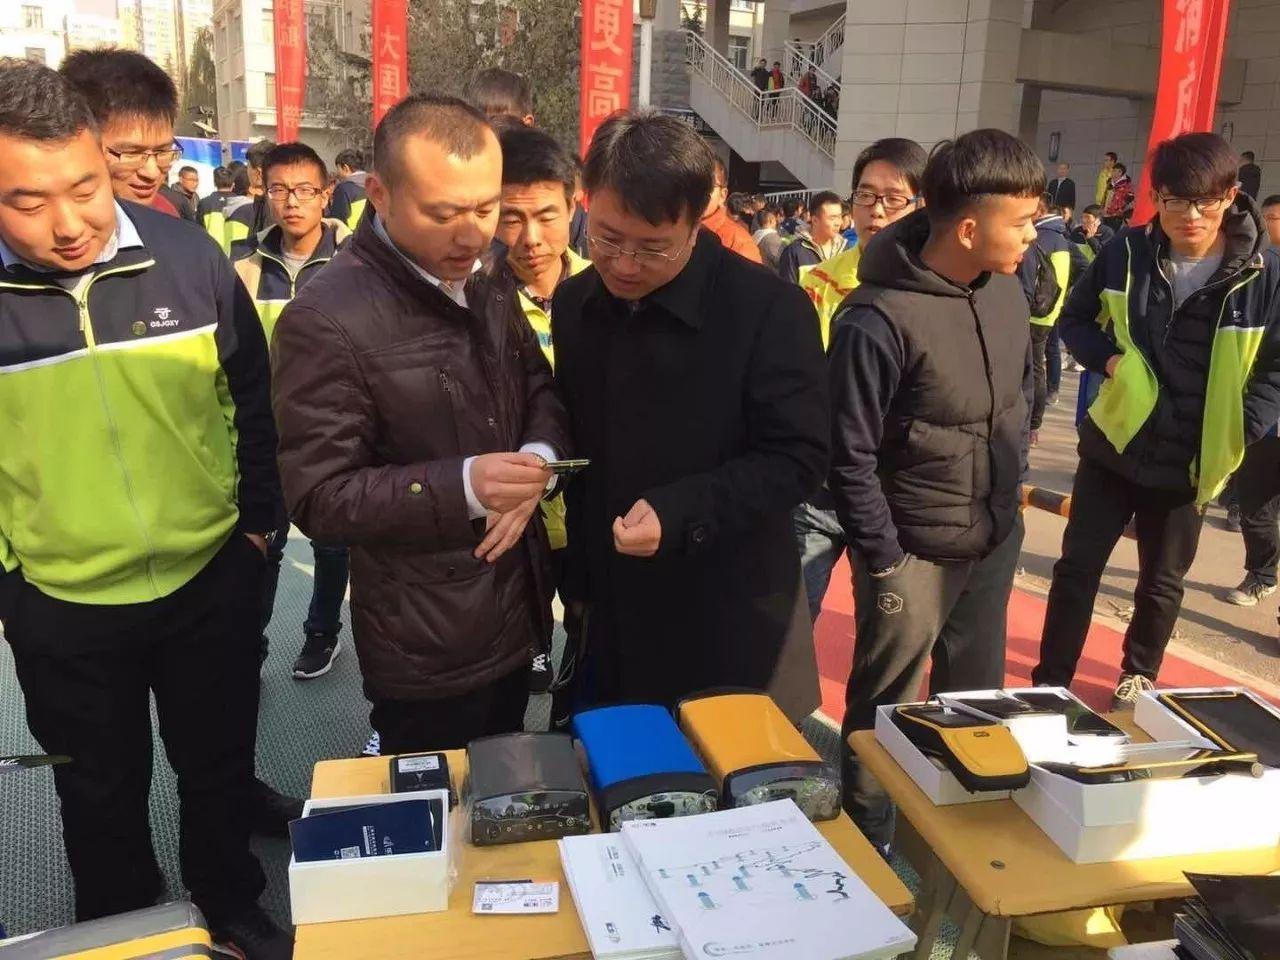 甘肃省测绘局后勤服务中心--介绍信息